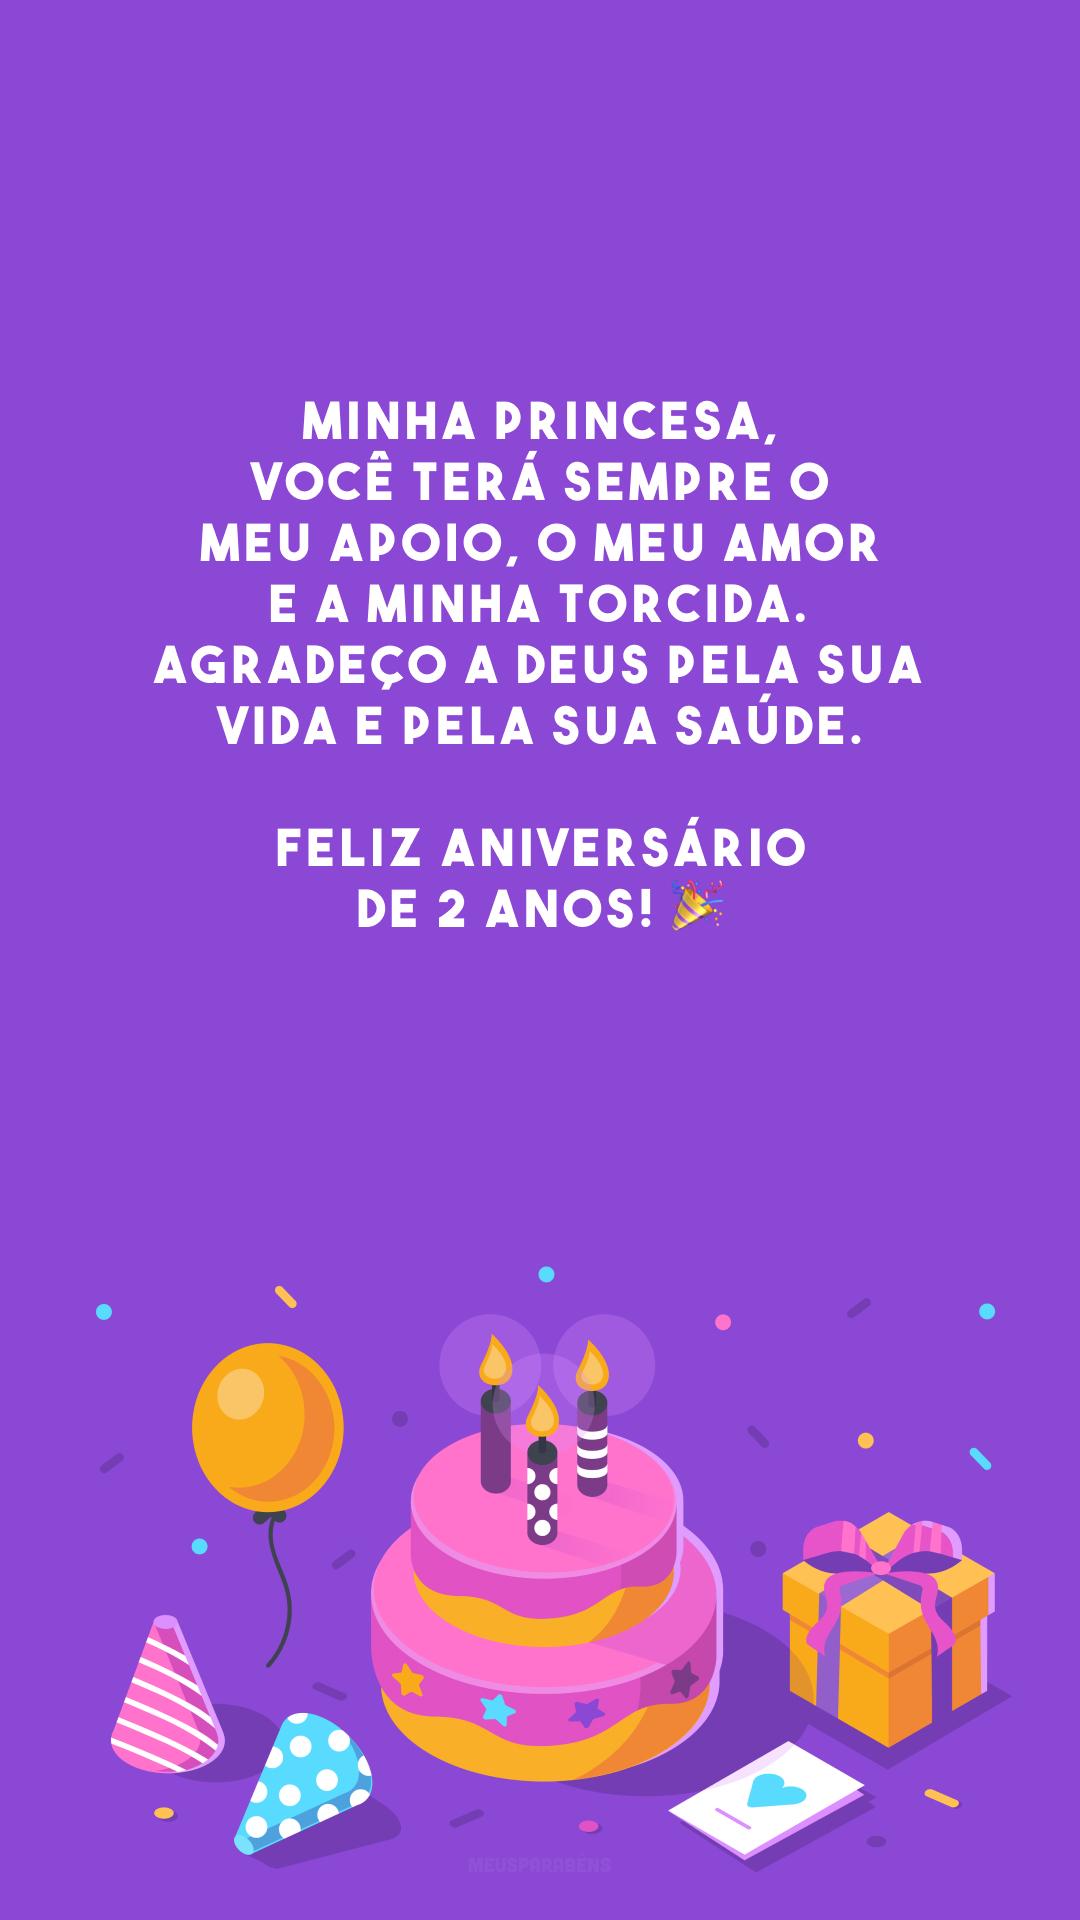 Minha princesa, você terá sempre o meu apoio, o meu amor e a minha torcida. Agradeço a Deus pela sua vida e pela sua saúde. Feliz aniversário de 2 anos! 🎉